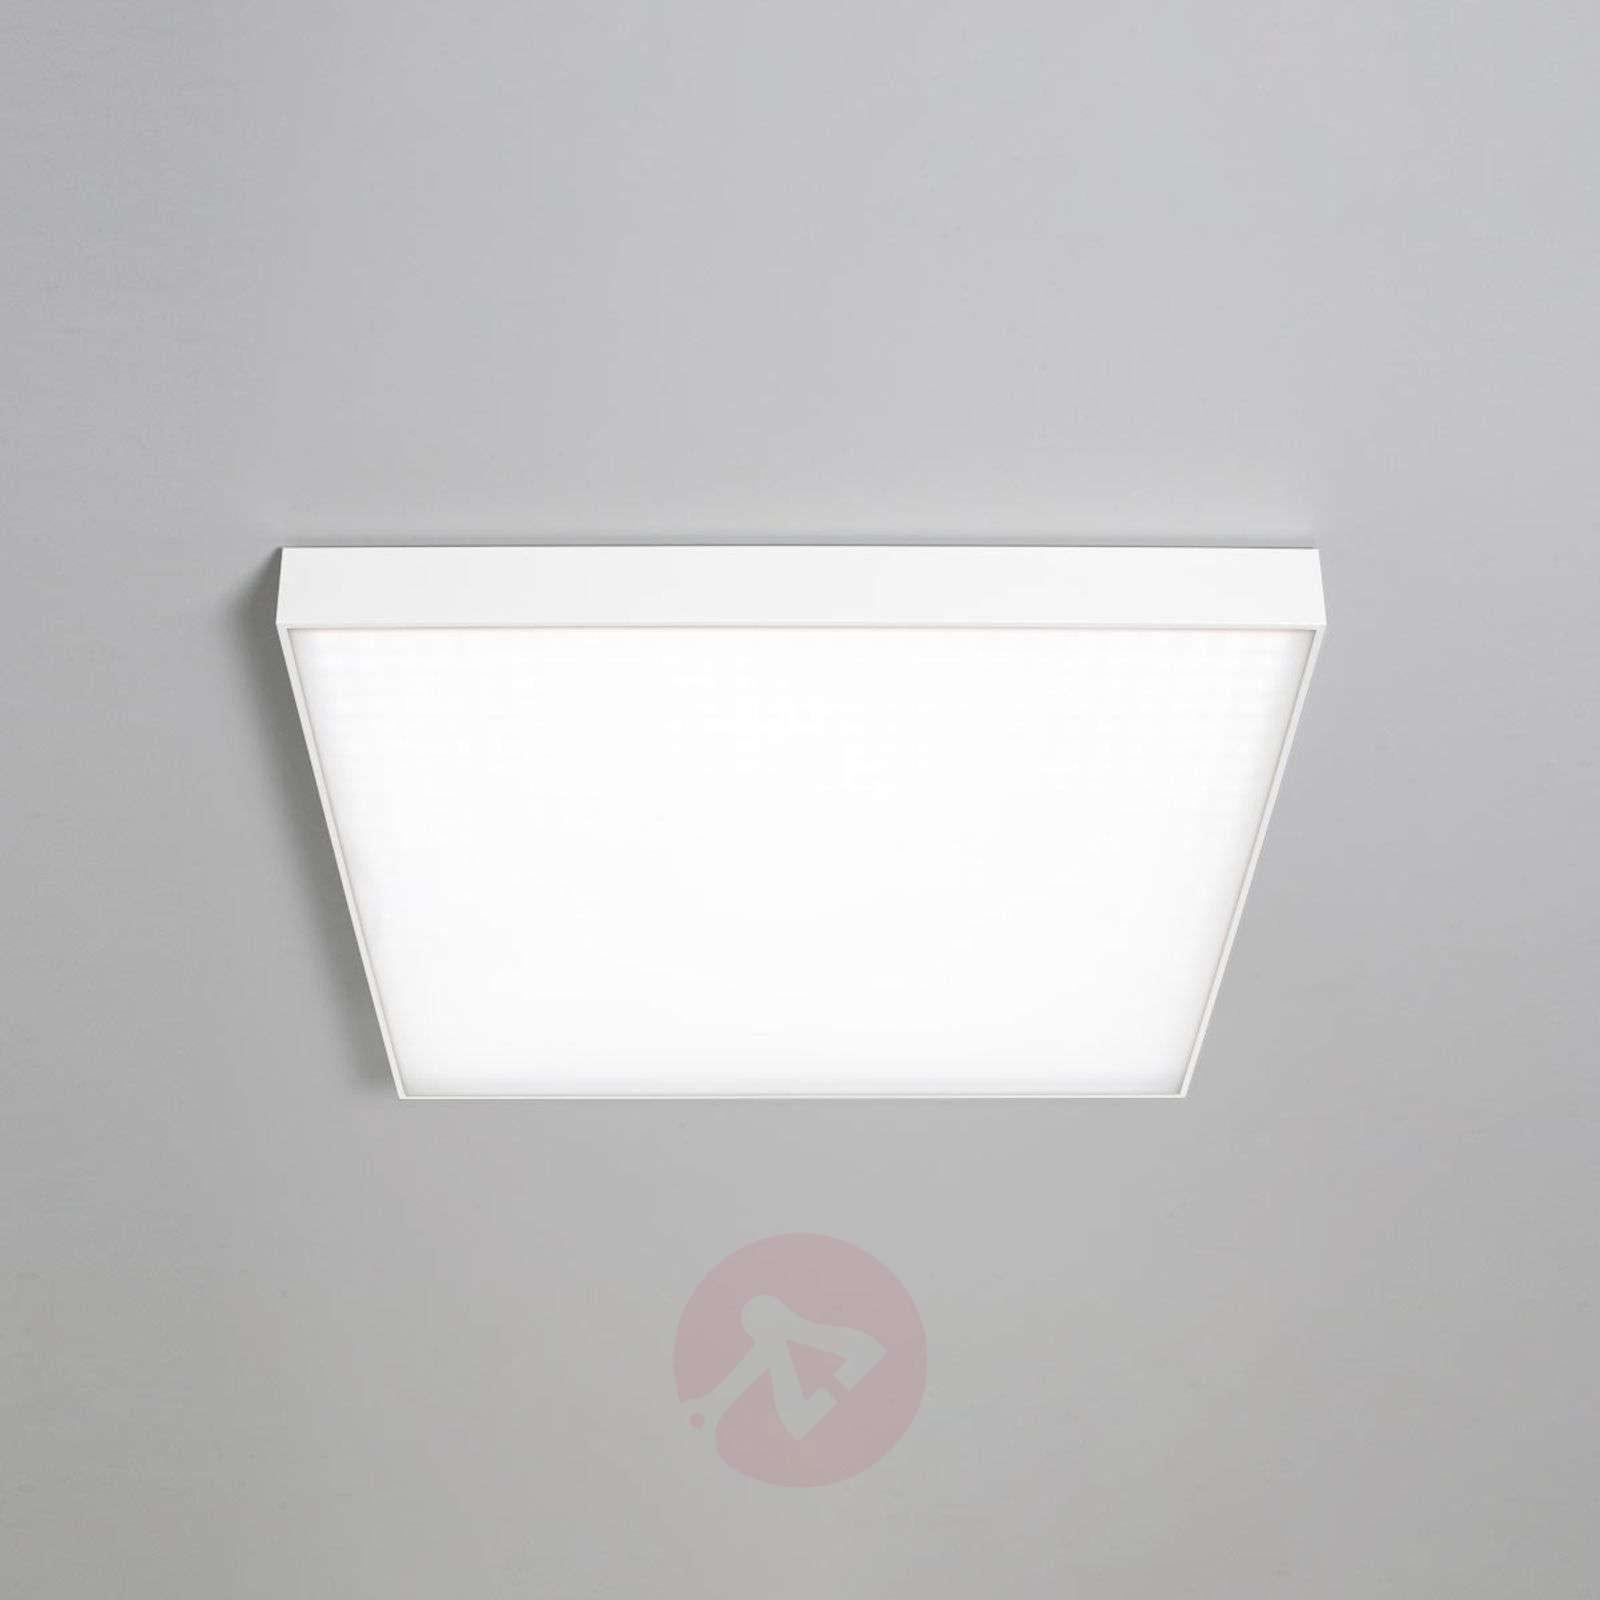 LED-kattolamppu Cadan SD 33 cm, valkoinen, 4000K-6523801-01